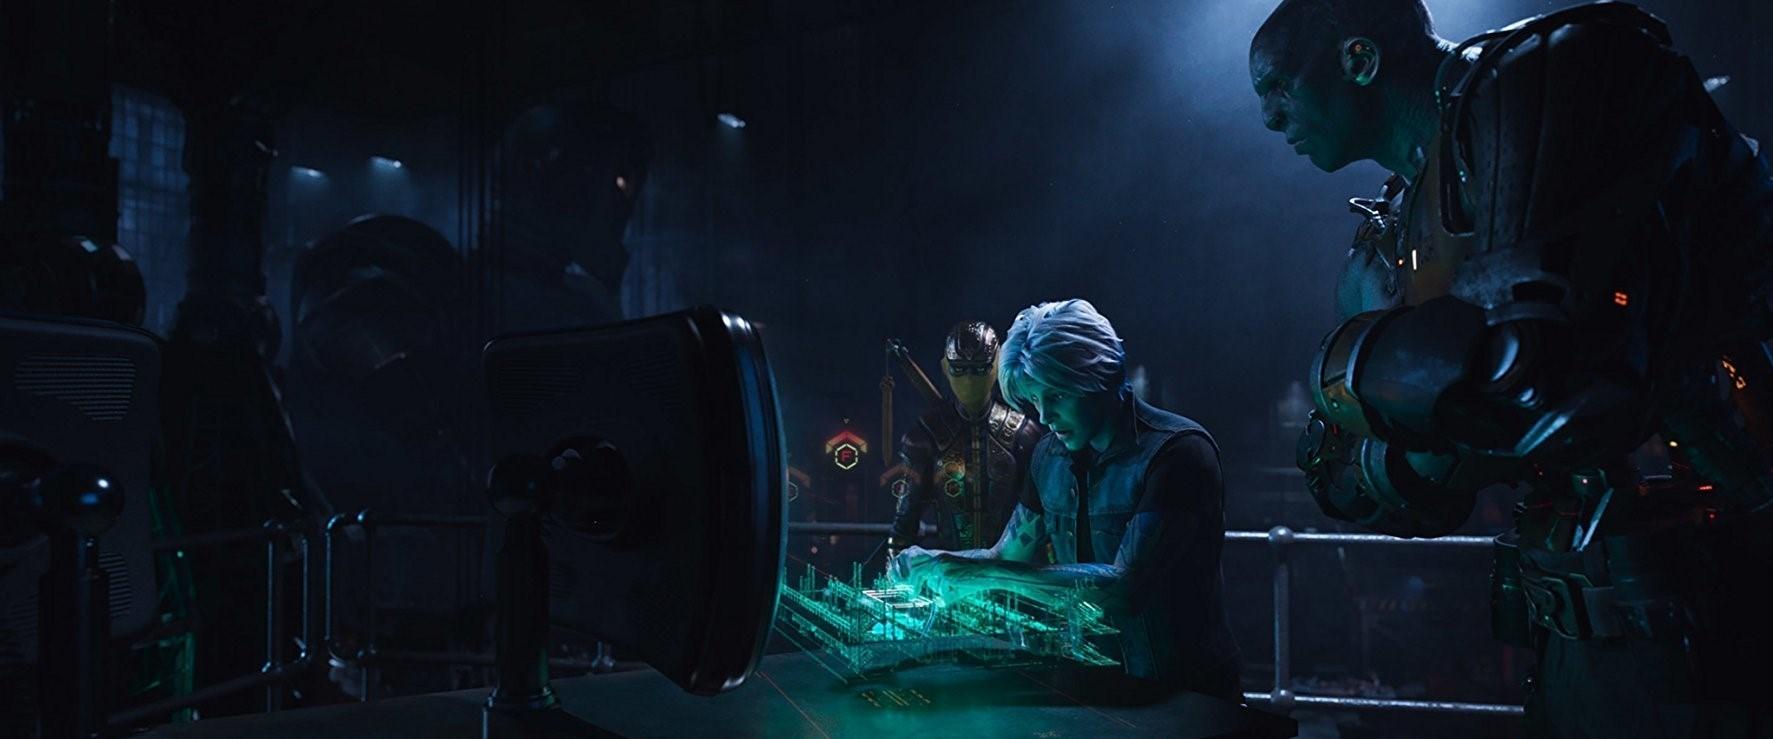 نقد و رمزگشایی فیلم Ready Player One 2018 (بازیکن شماره یک آماده)